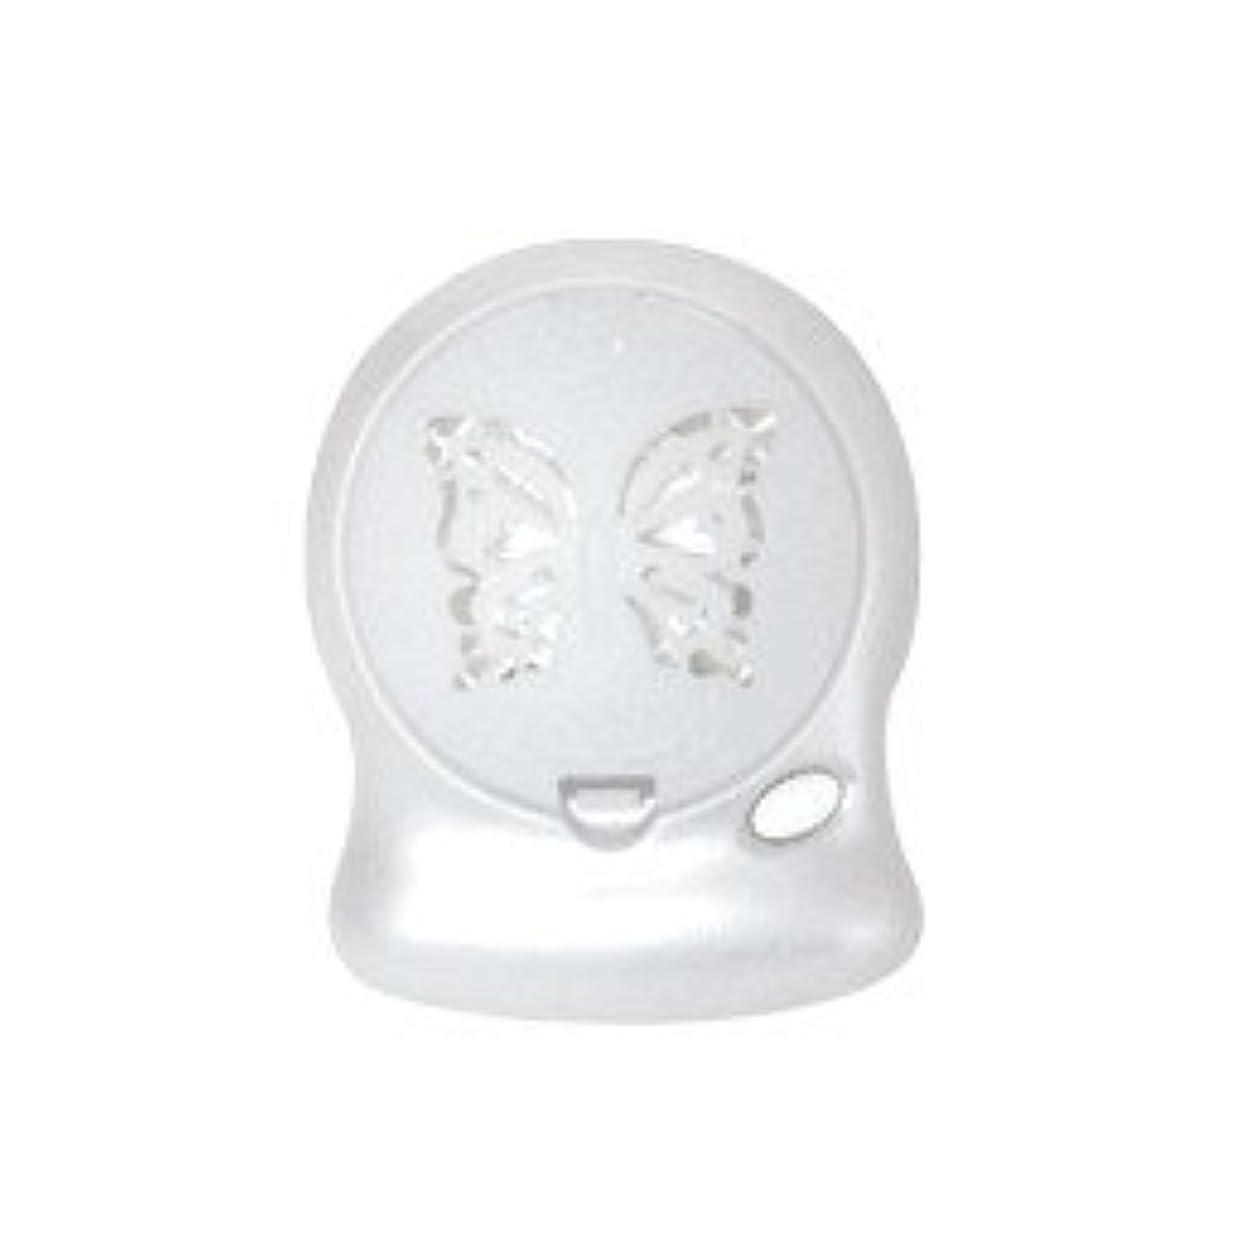 家族インスタント臭いアロマブリーズ Nova Jill (蝶柄) ホワイト モバイルファン式芳香器